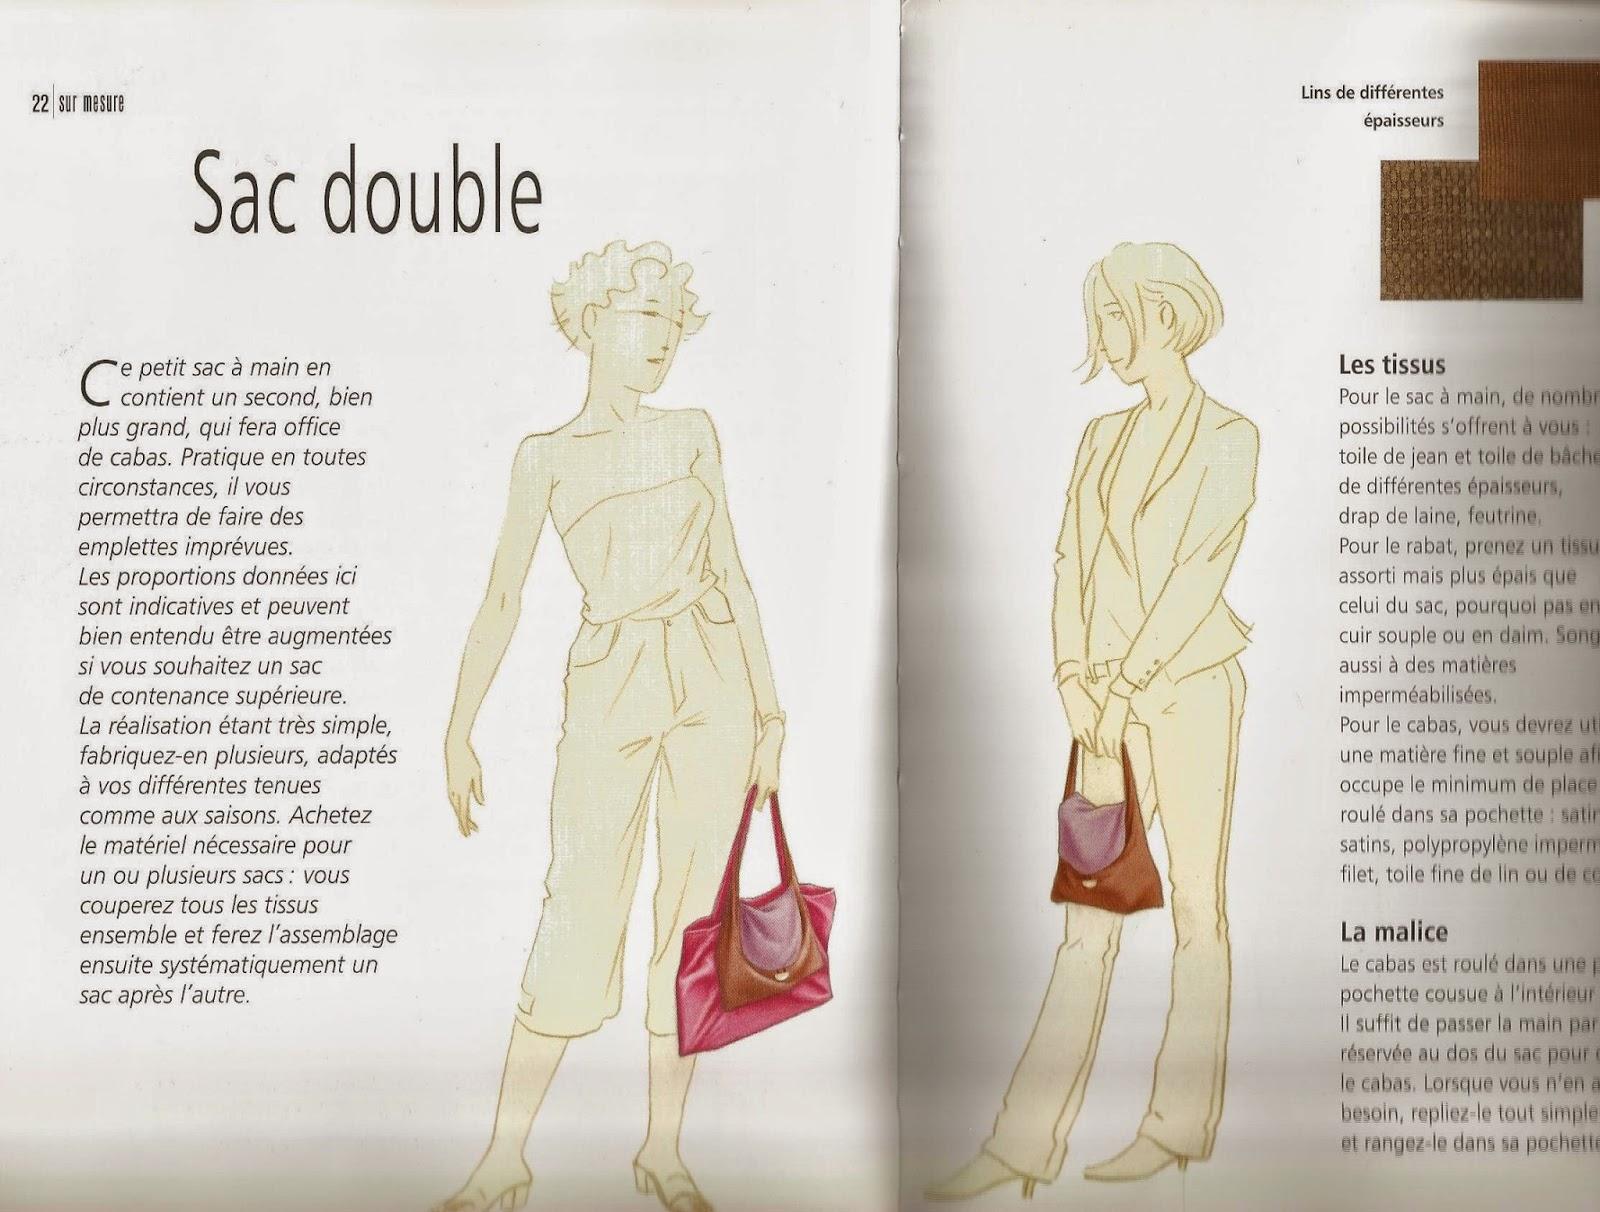 Fabriquer soi meme son sac a main mode2 - Modele sac a main a faire soi meme ...